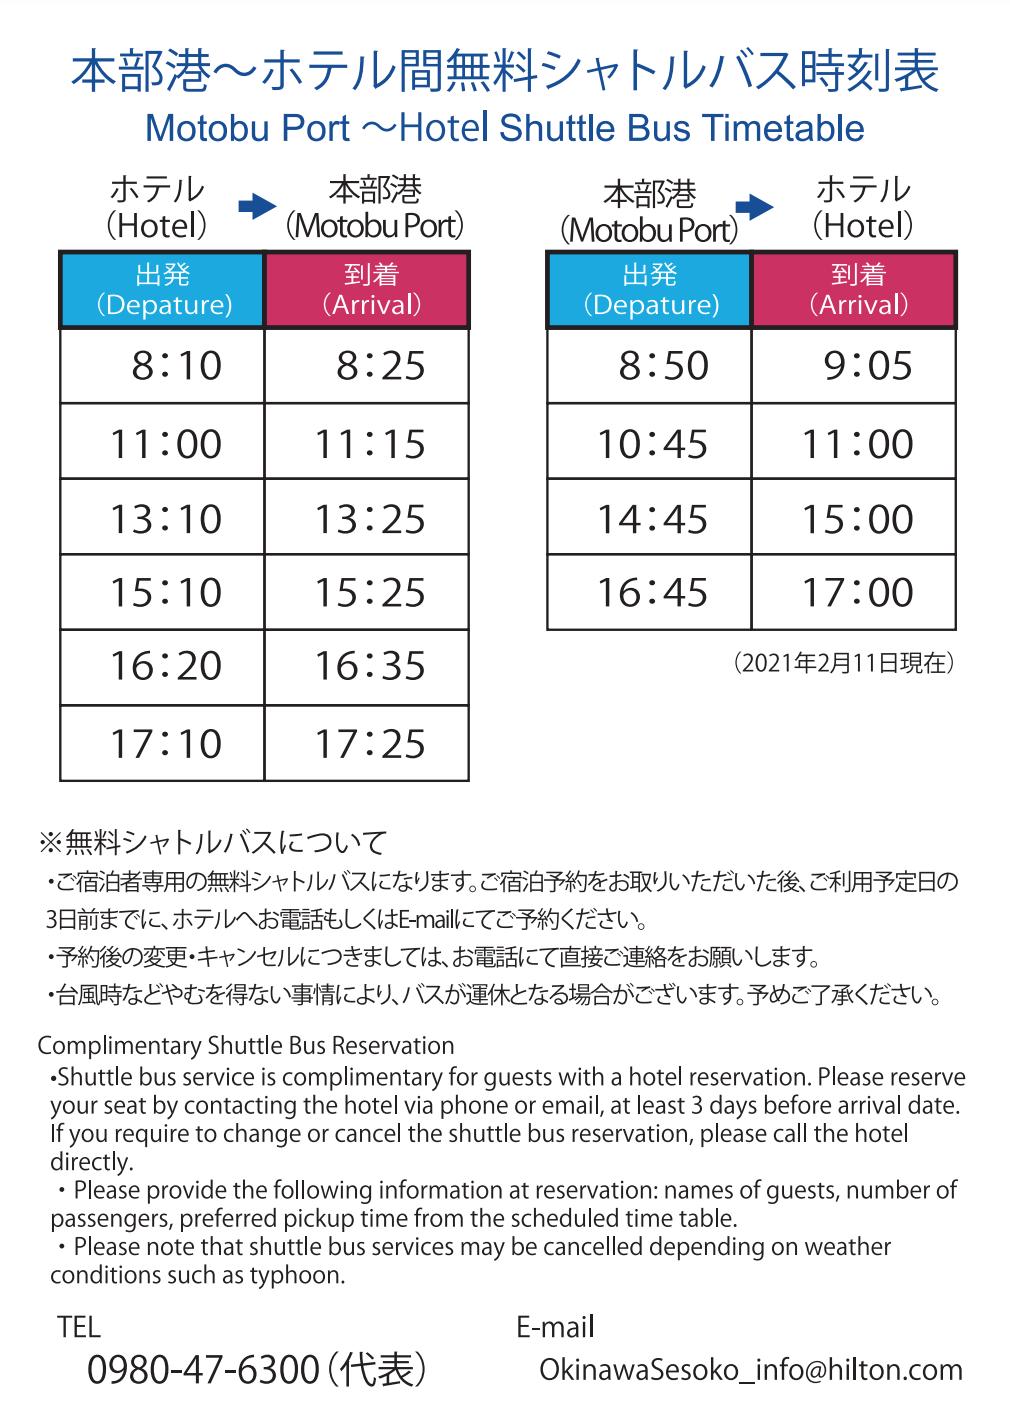 本部港〜ヒルトン瀬底リゾート間無料シャトルバス時刻表